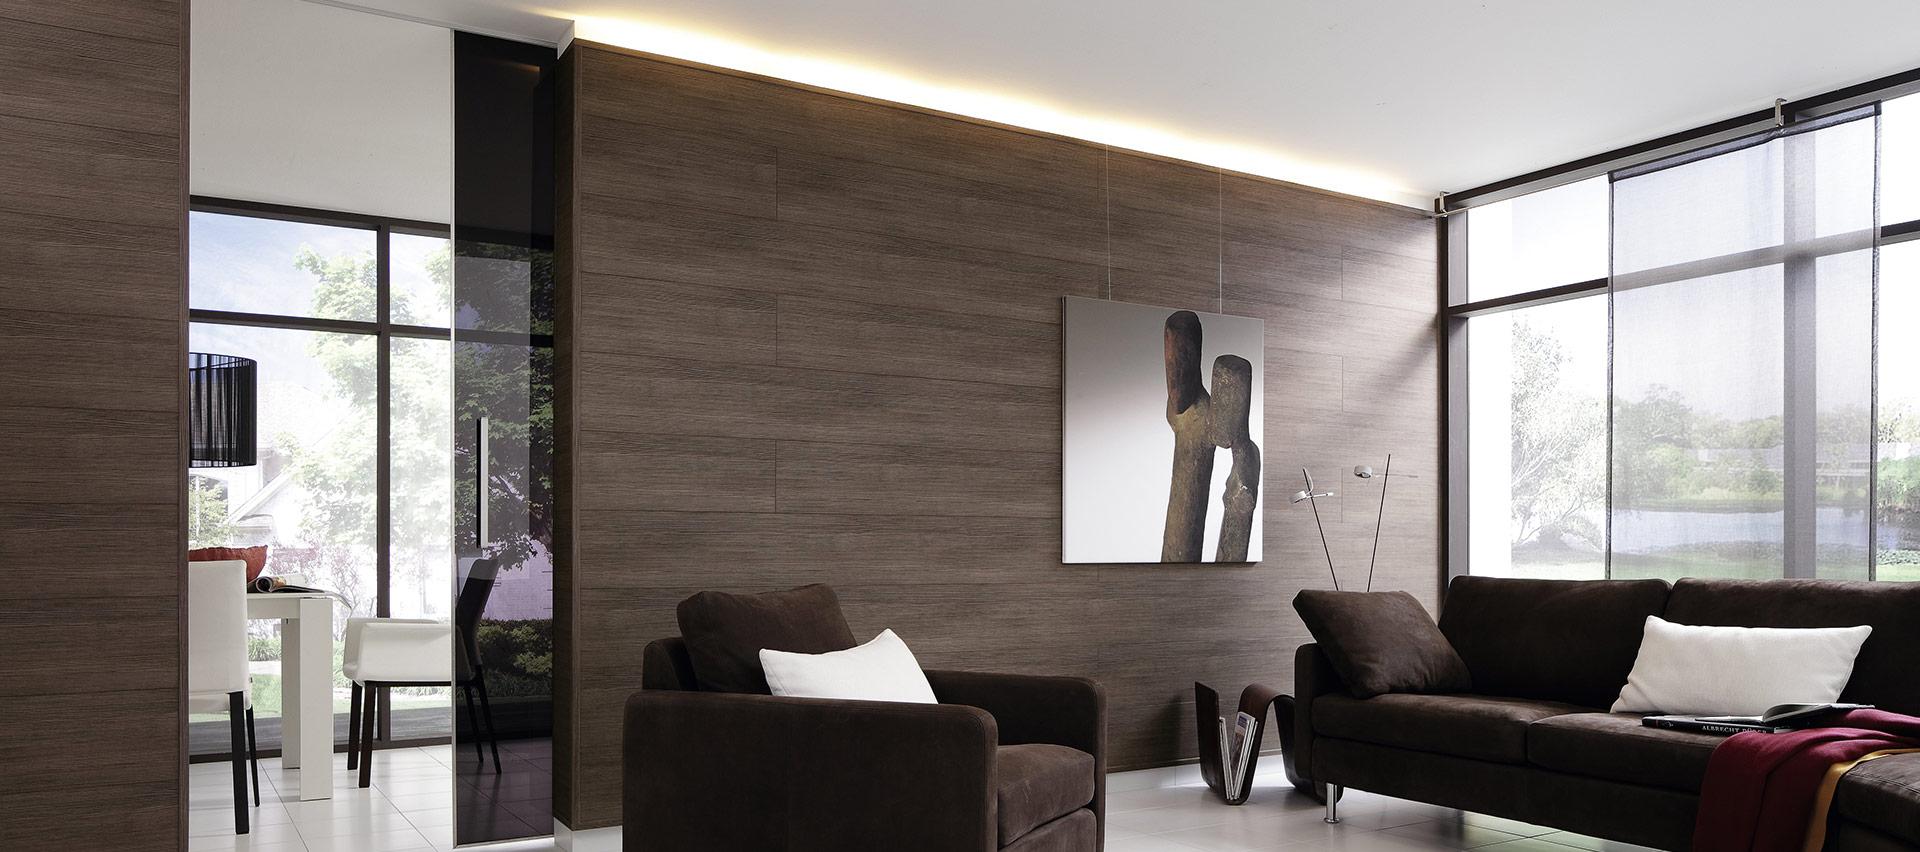 Dekorpaneele Wand bei Holz-Hauff in Leingarten